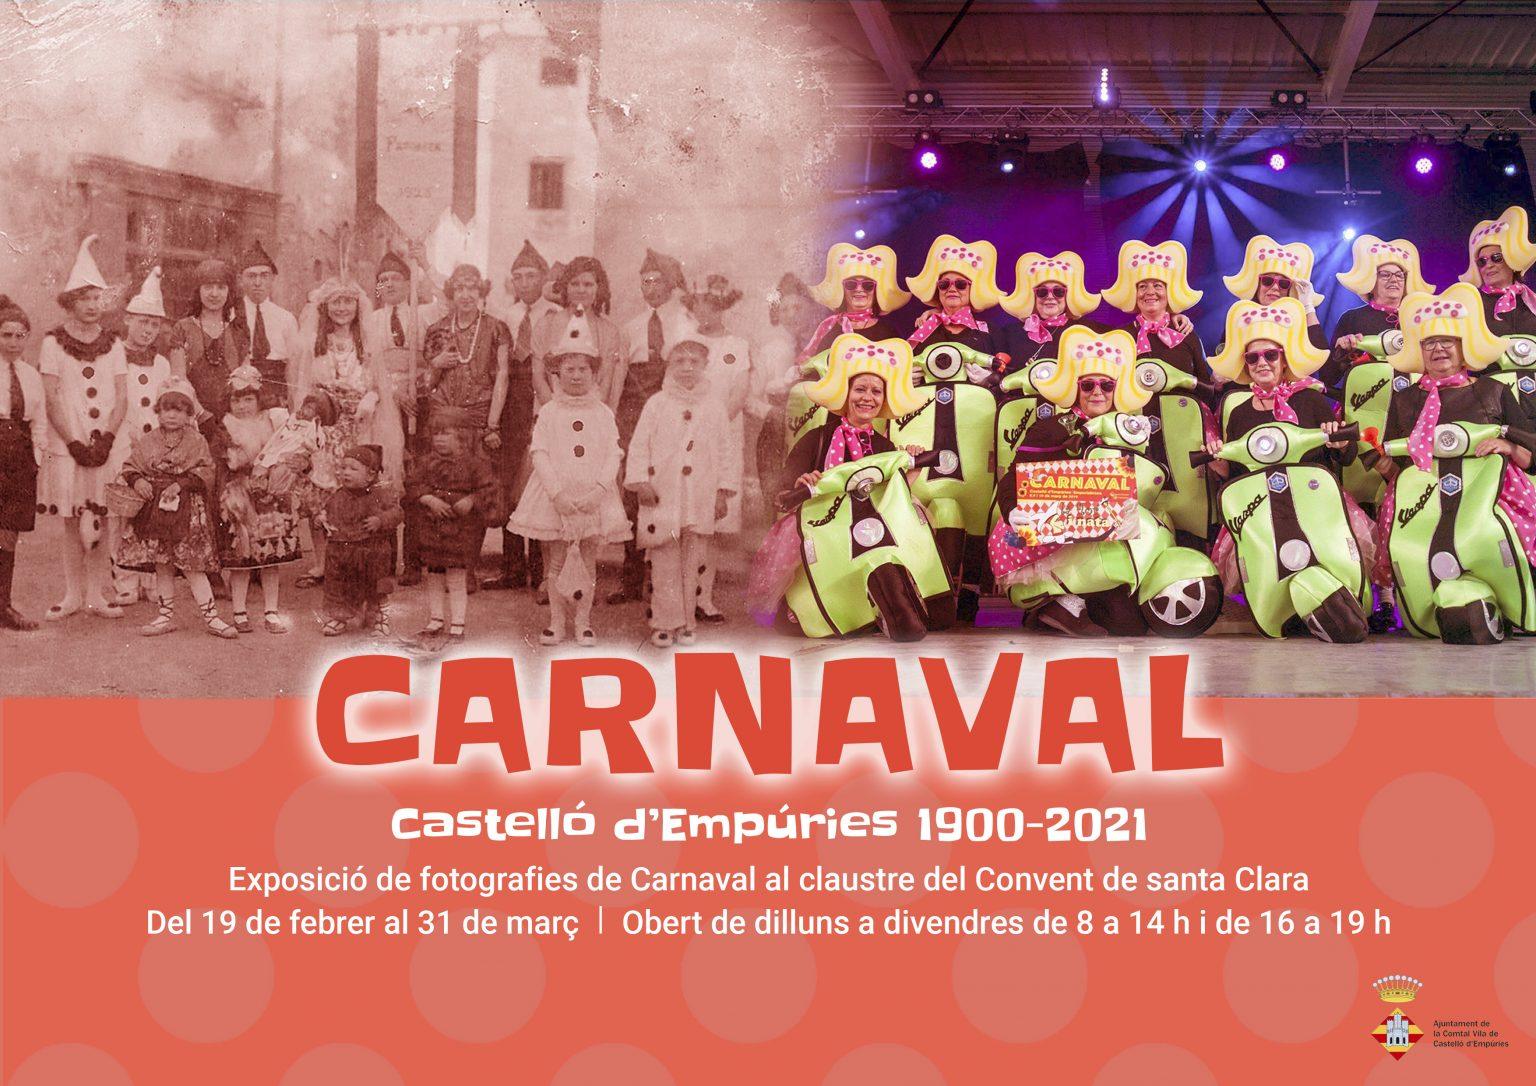 Castelló d'Empúries commemora el Carnaval amb una exposició de fotos antigues